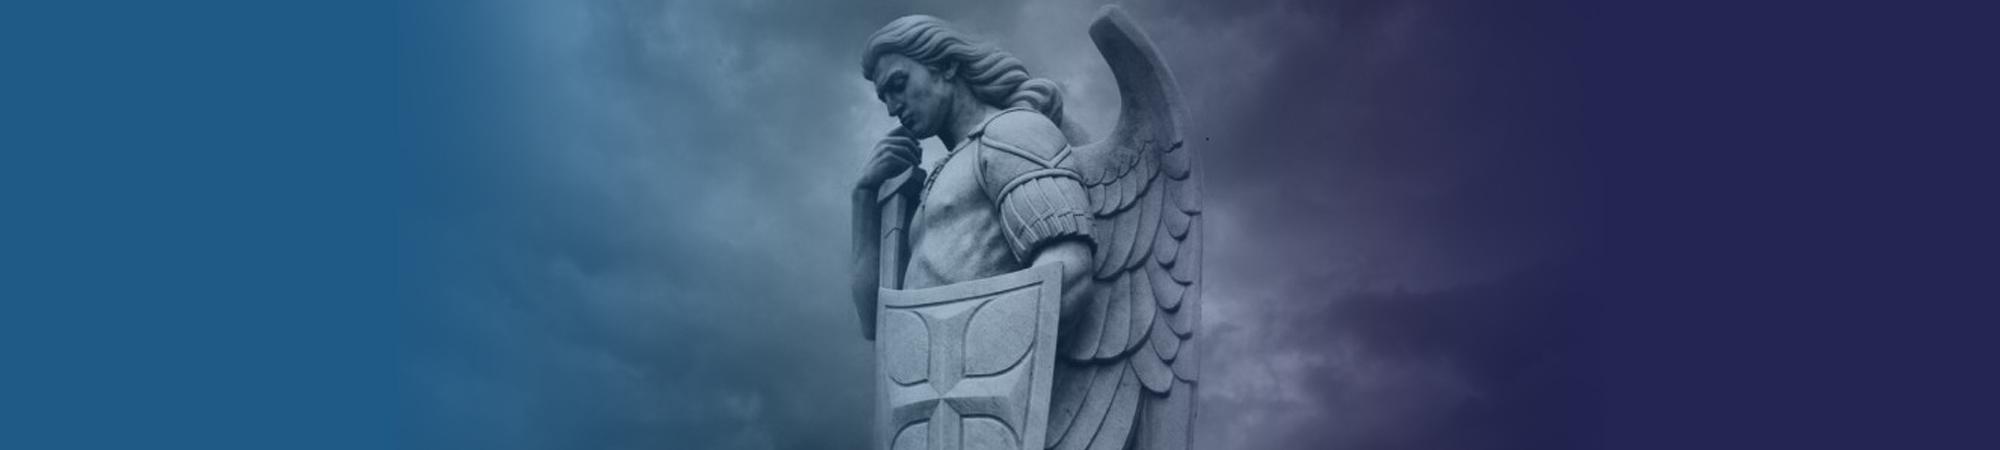 Arcángel San Miguel Abogado